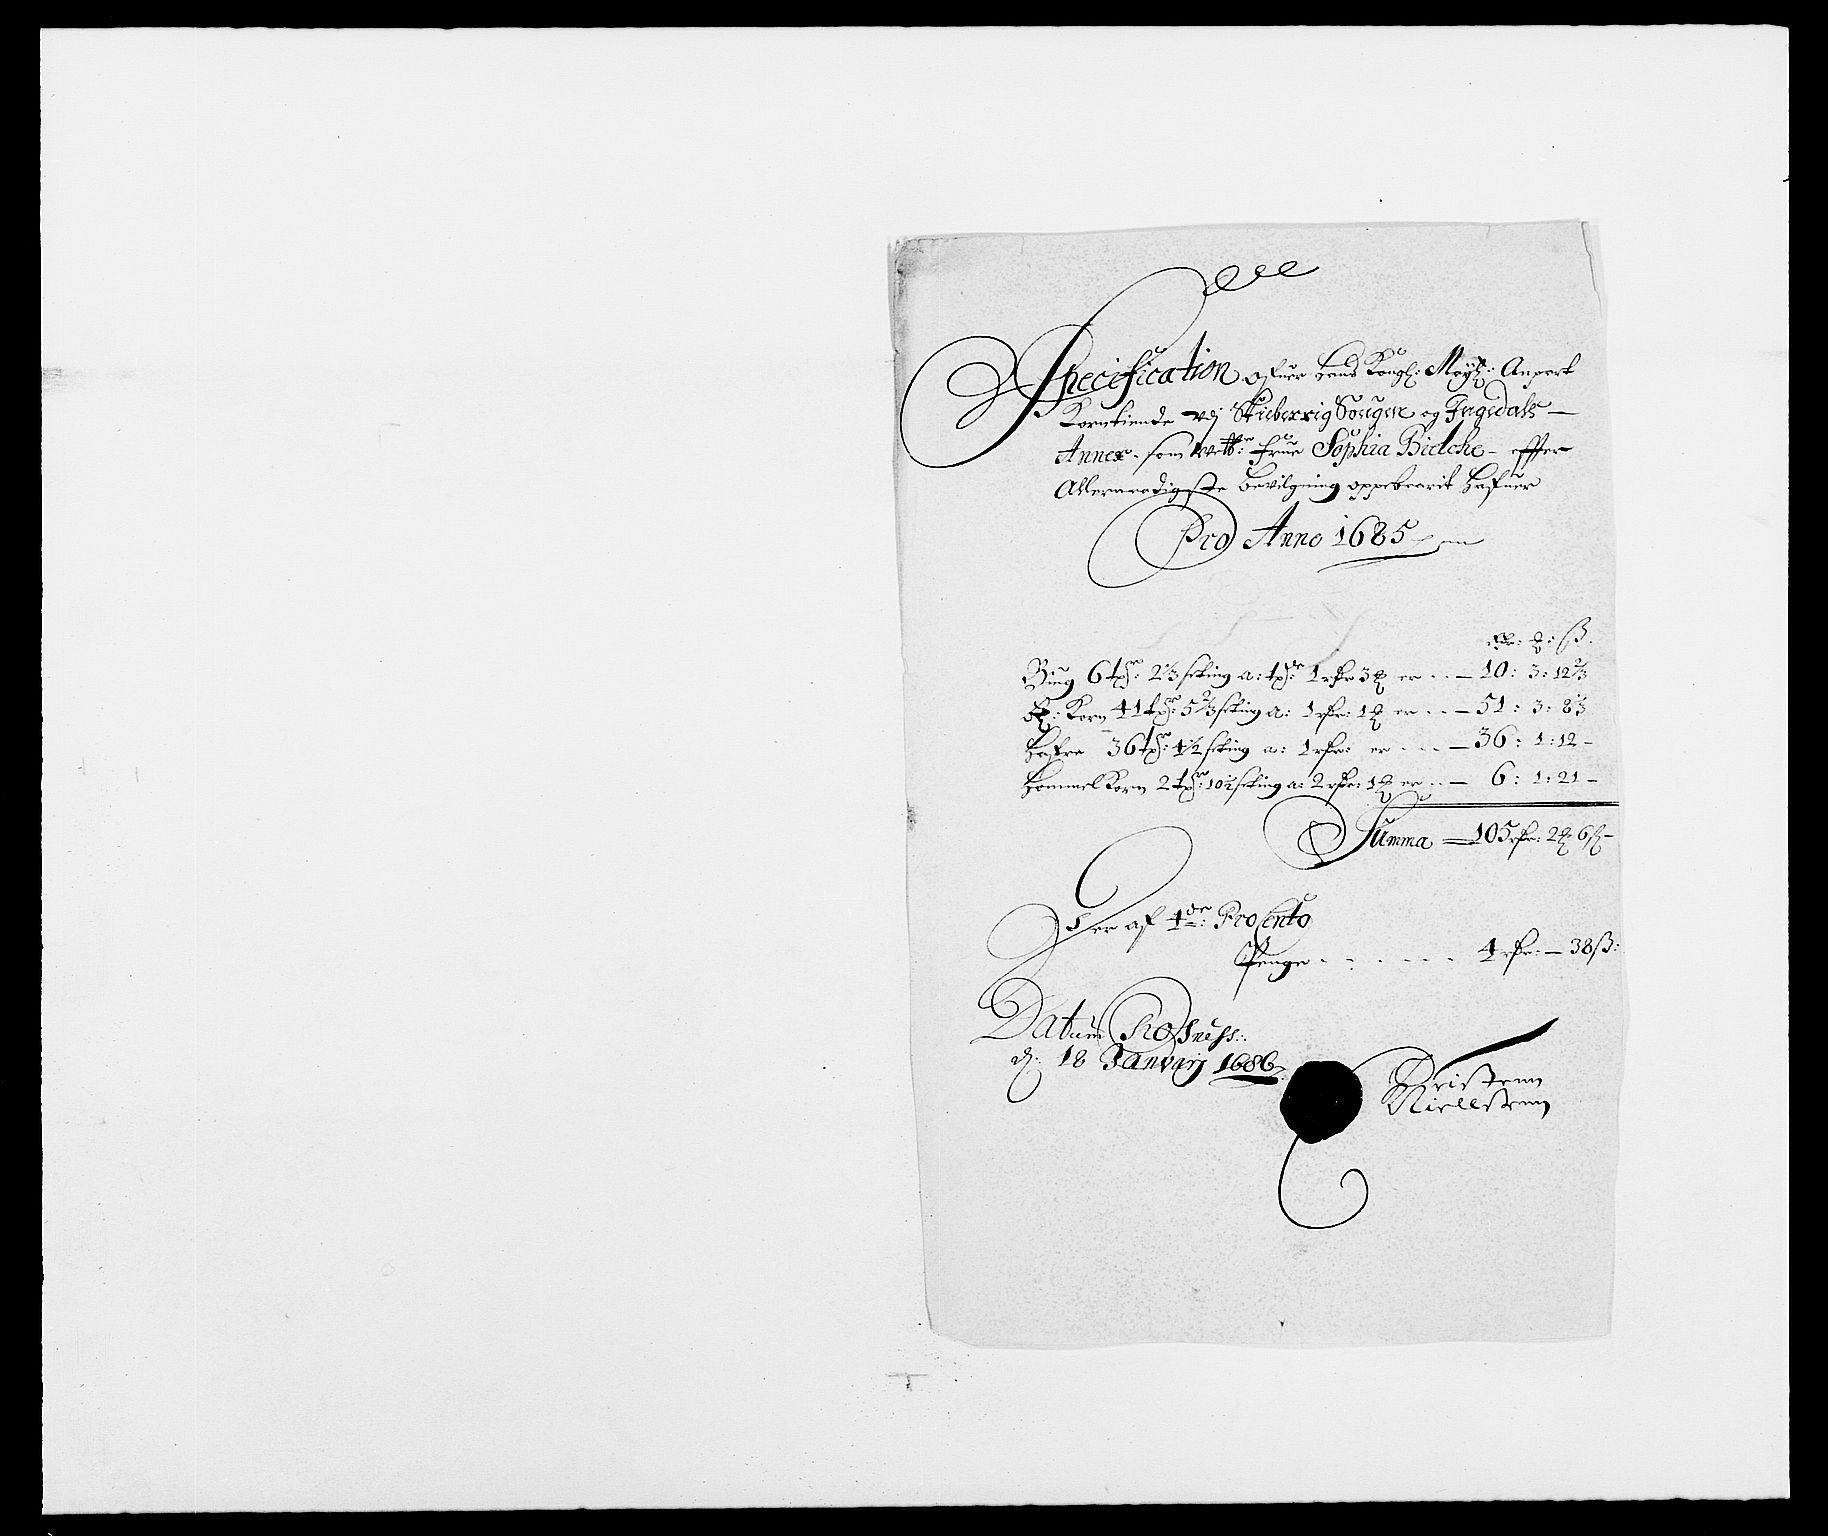 RA, Rentekammeret inntil 1814, Reviderte regnskaper, Fogderegnskap, R01/L0006: Fogderegnskap Idd og Marker, 1685-1686, s. 174